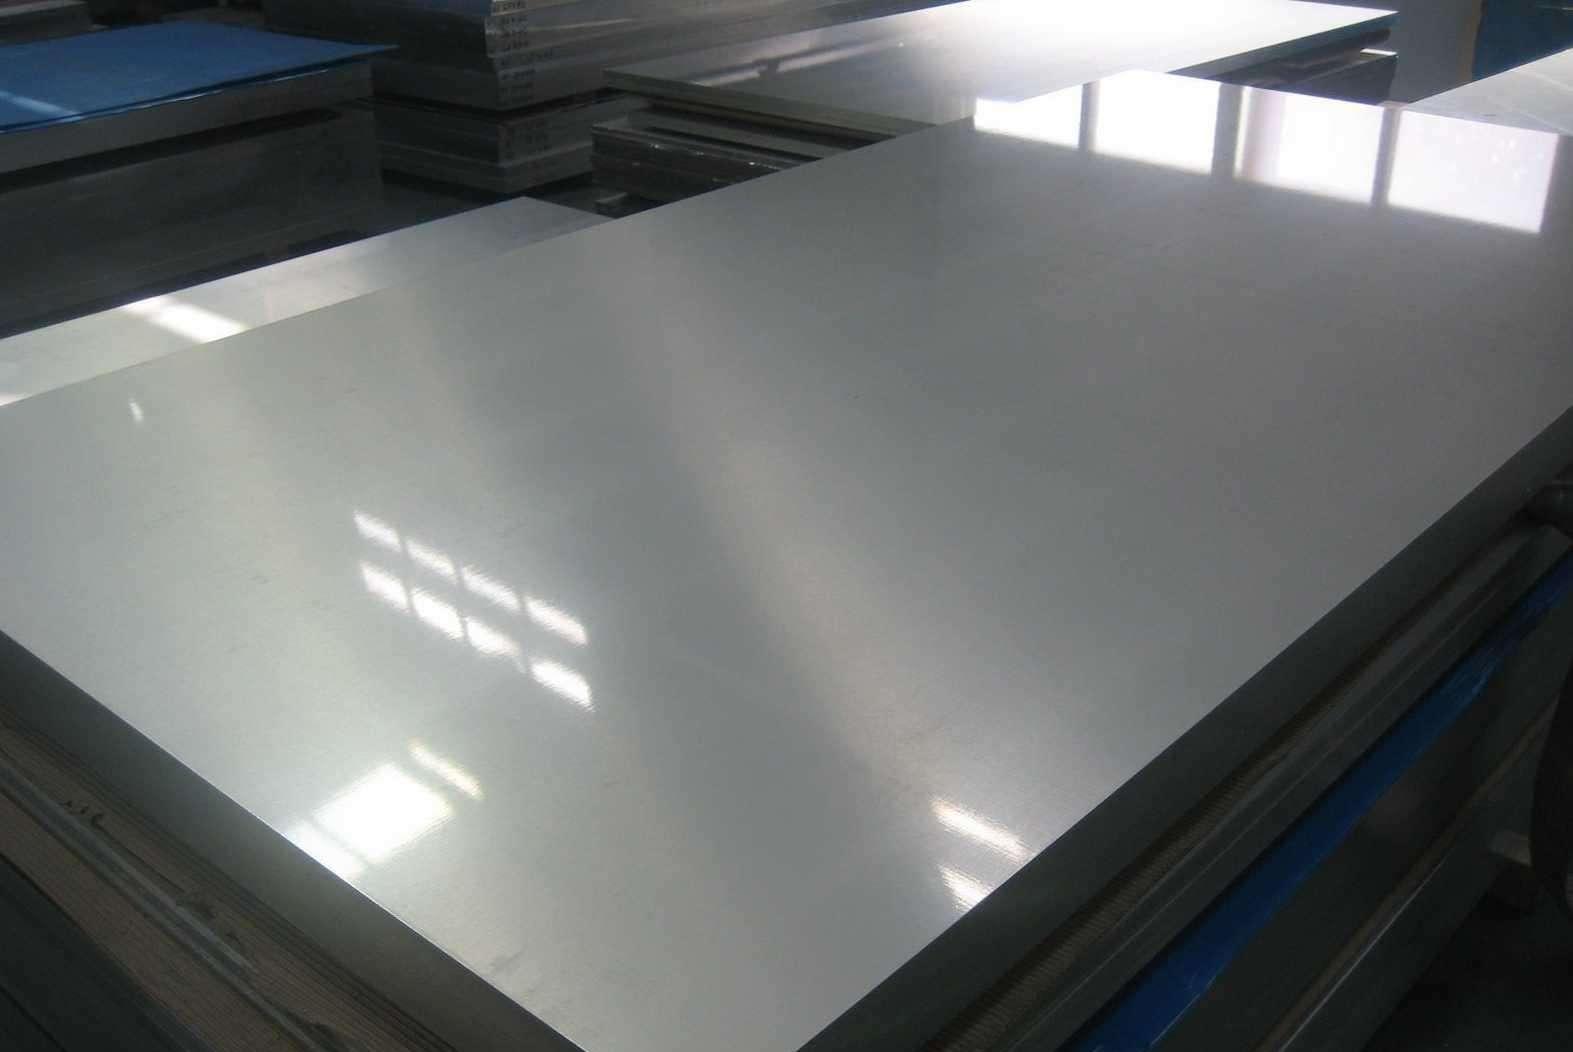 321不锈钢板价位-江苏省口碑好的321不锈钢板供应商当属无锡通新合不锈钢管